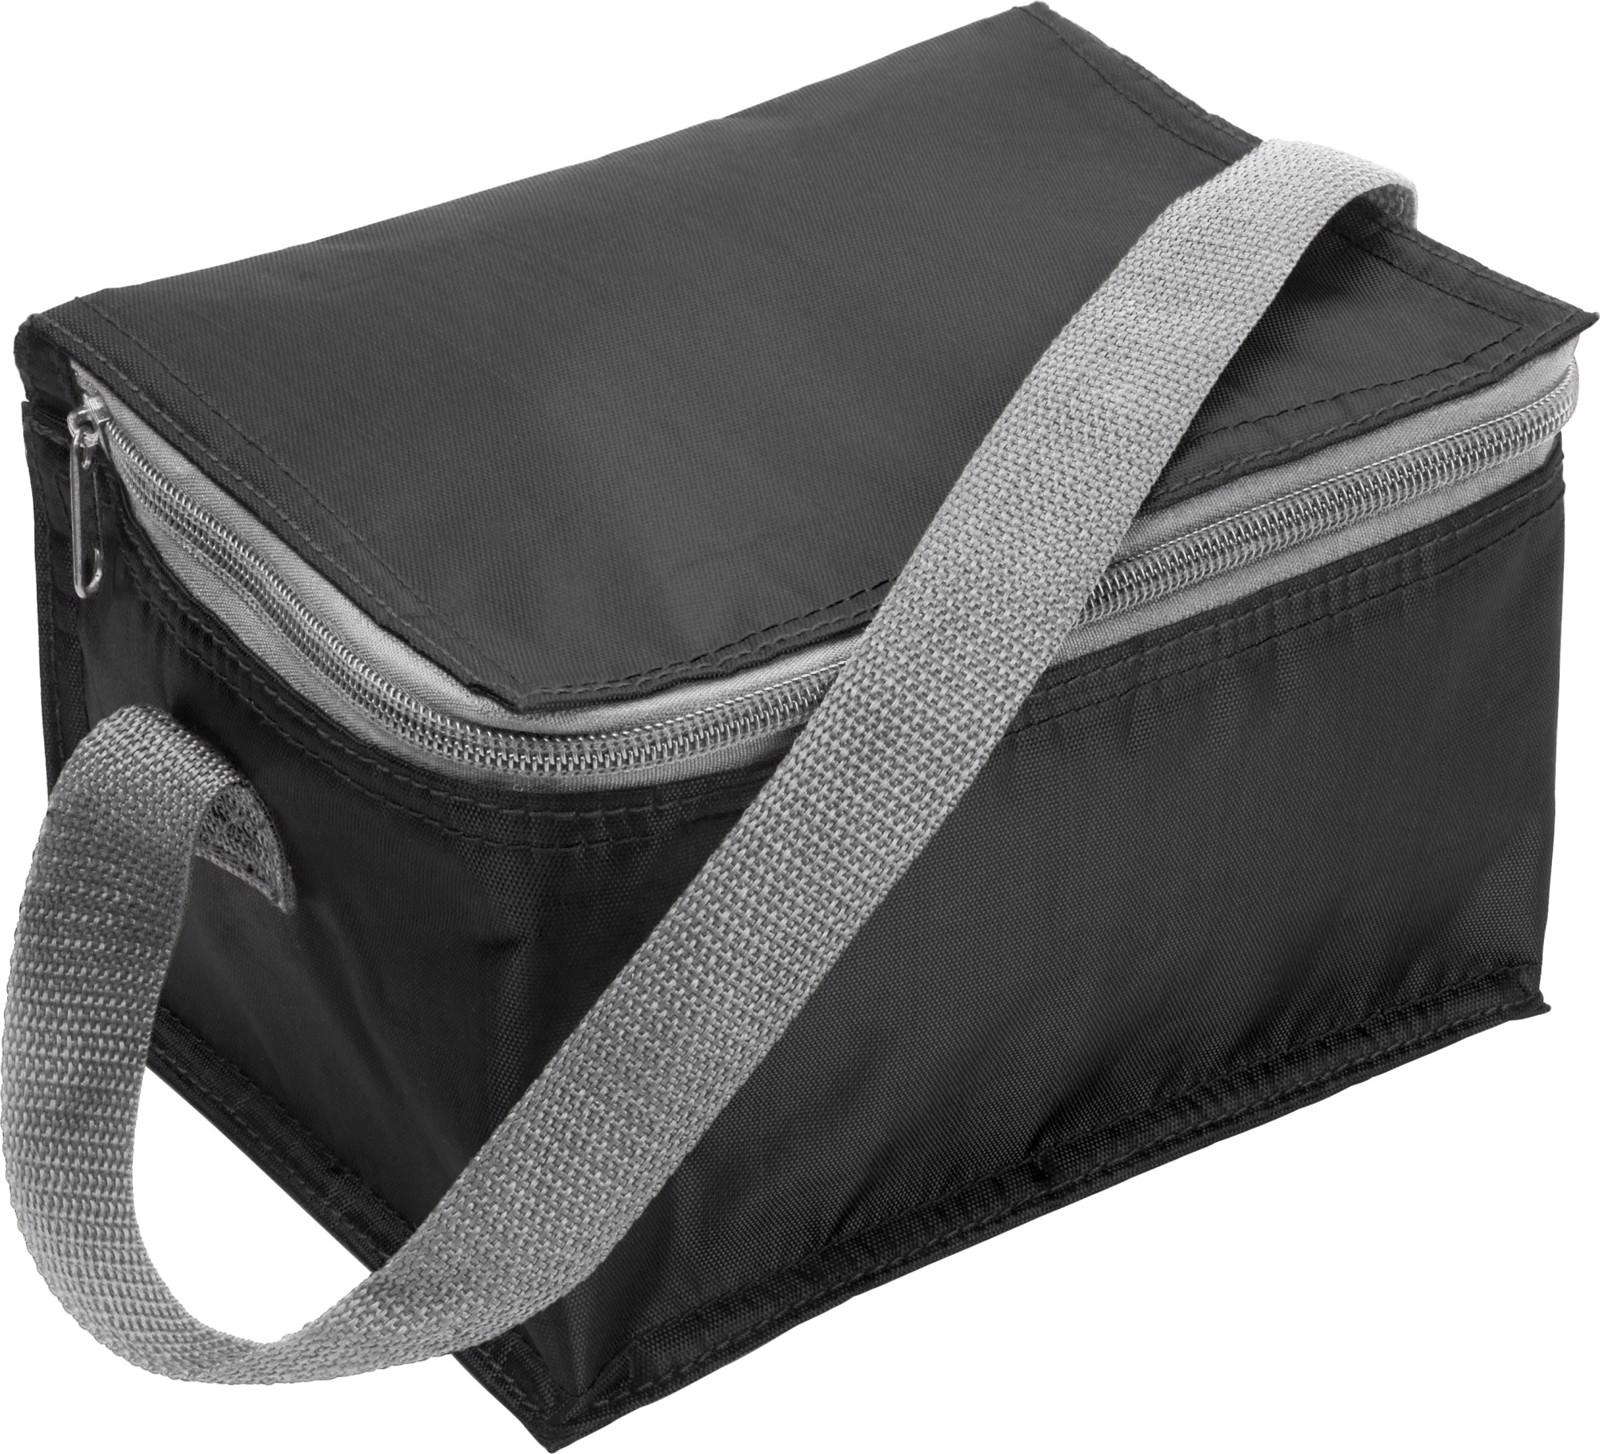 Polyester (420D) cooler bag - Black